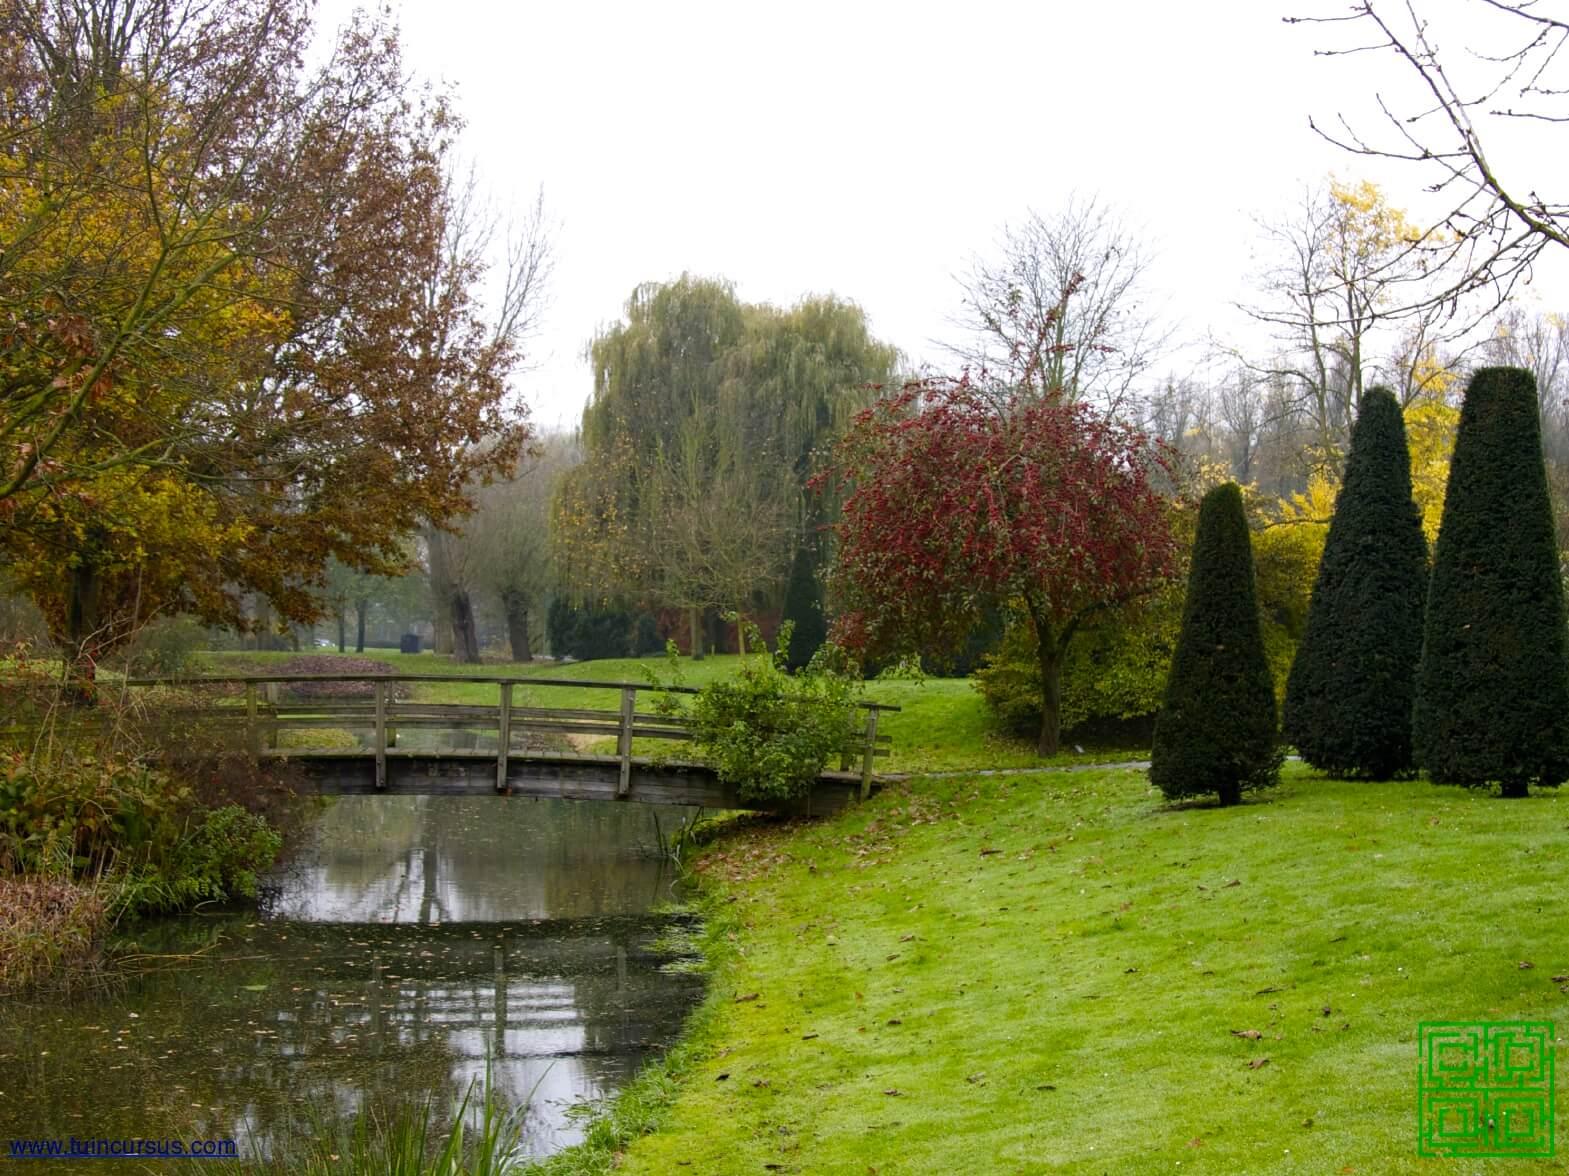 Arboretum Munnikepark in Zwijndrecht